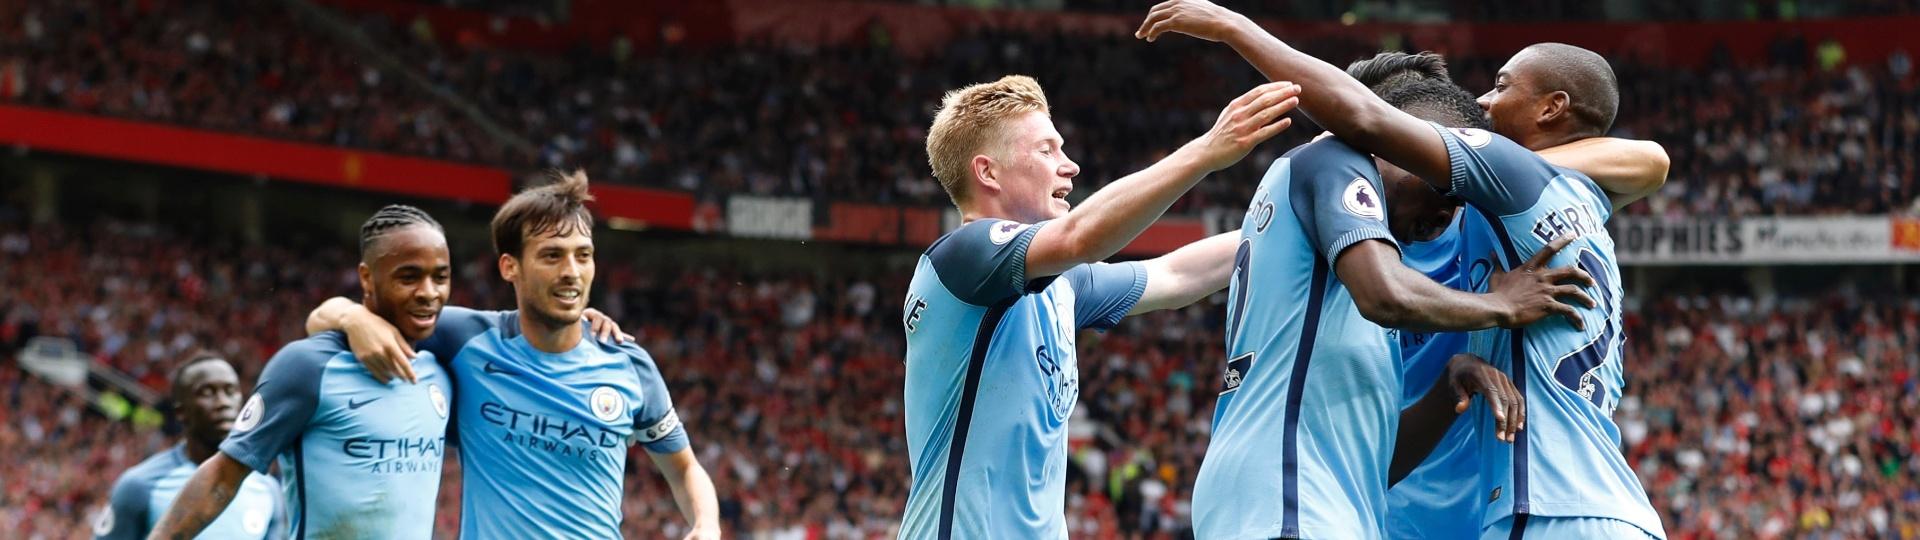 Kelechi Iheanacho faz o segundo gol do City contra o United, no Inglês